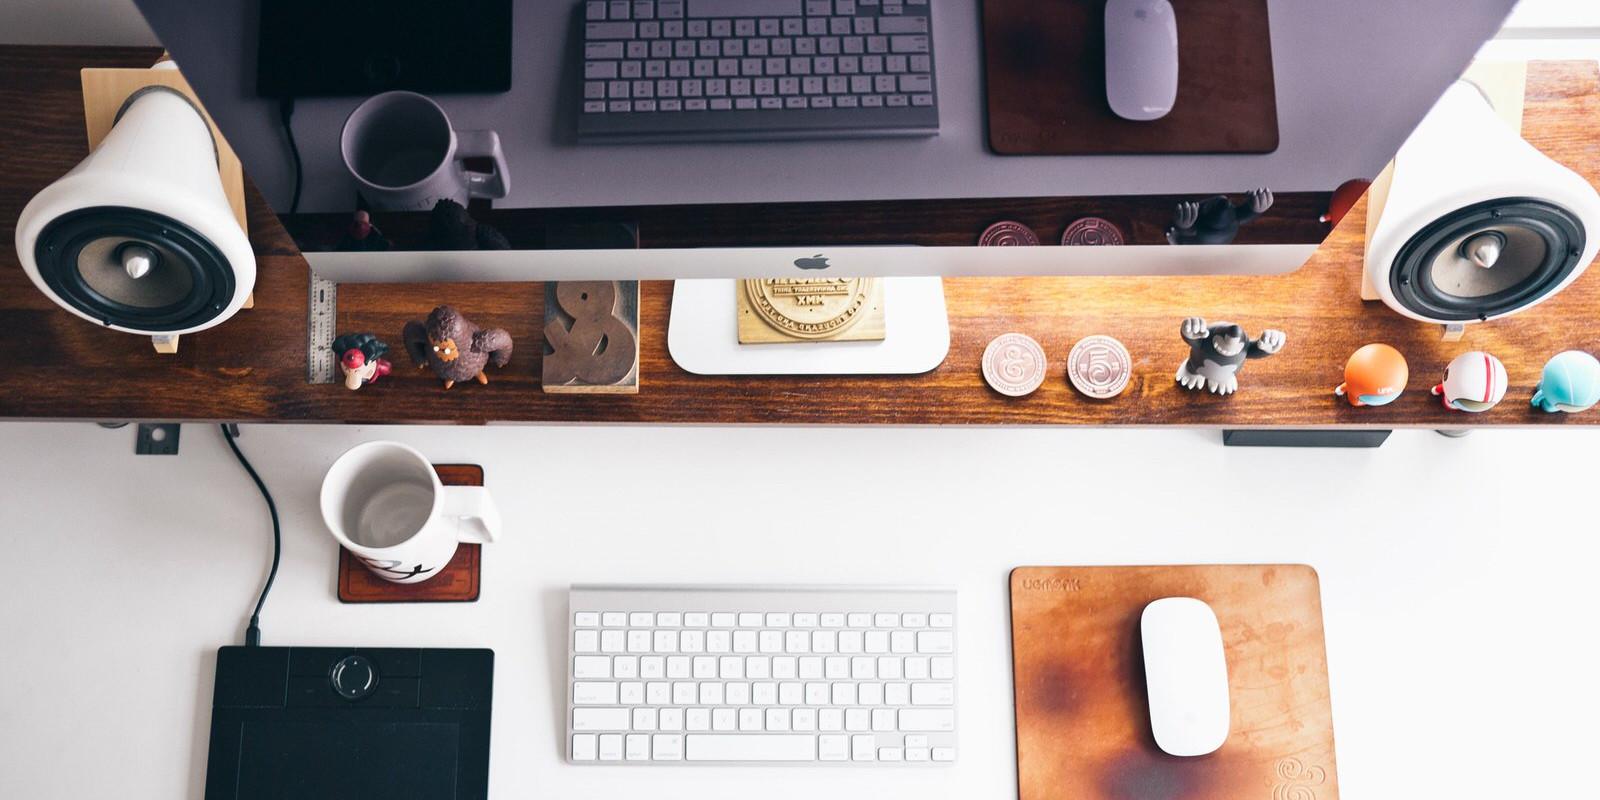 Modern desk r2y1jf